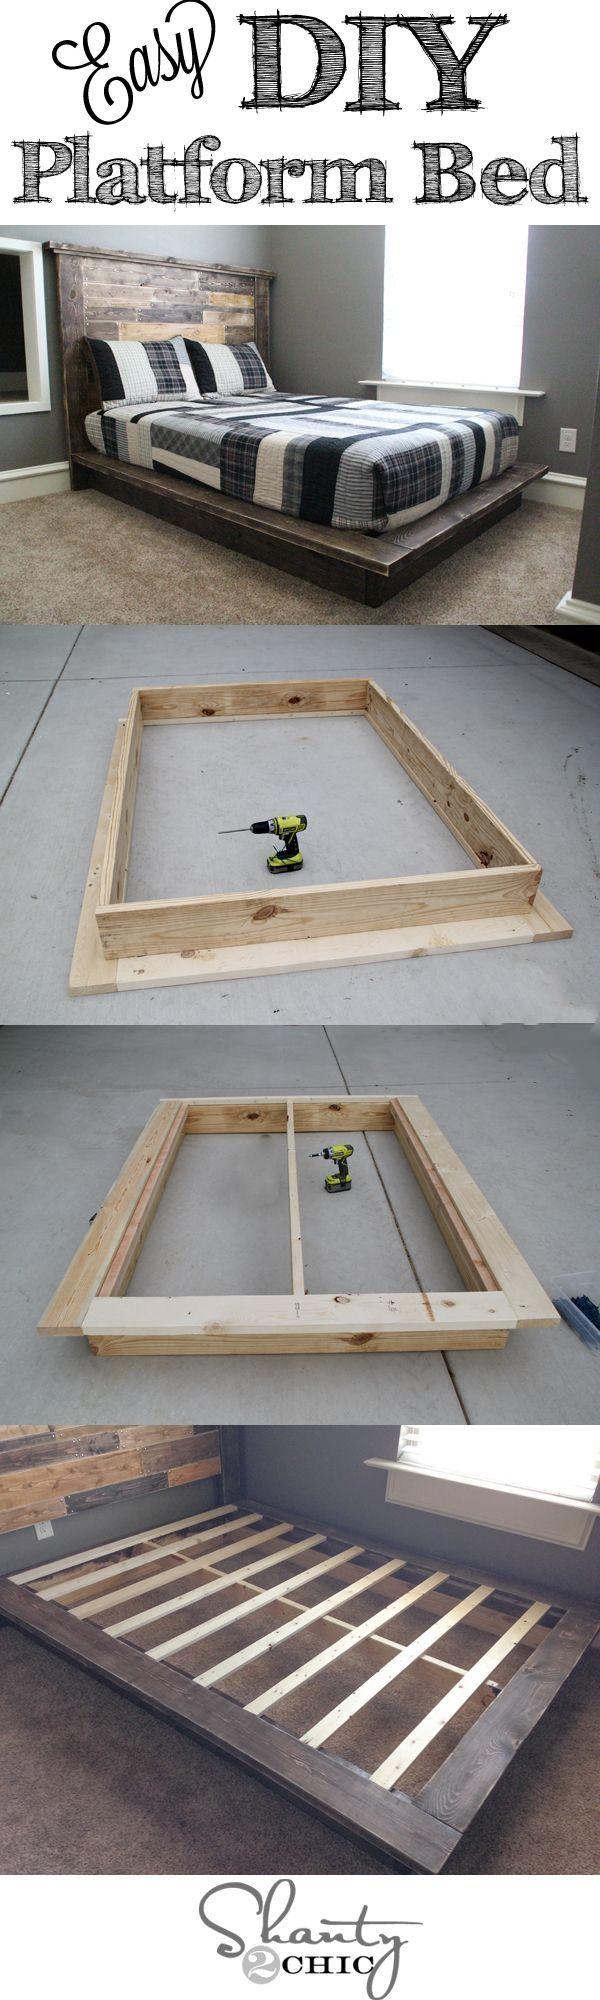 Pin von Sam Verbridge auf Projects to Try | Pinterest | Bett, Möbel ...